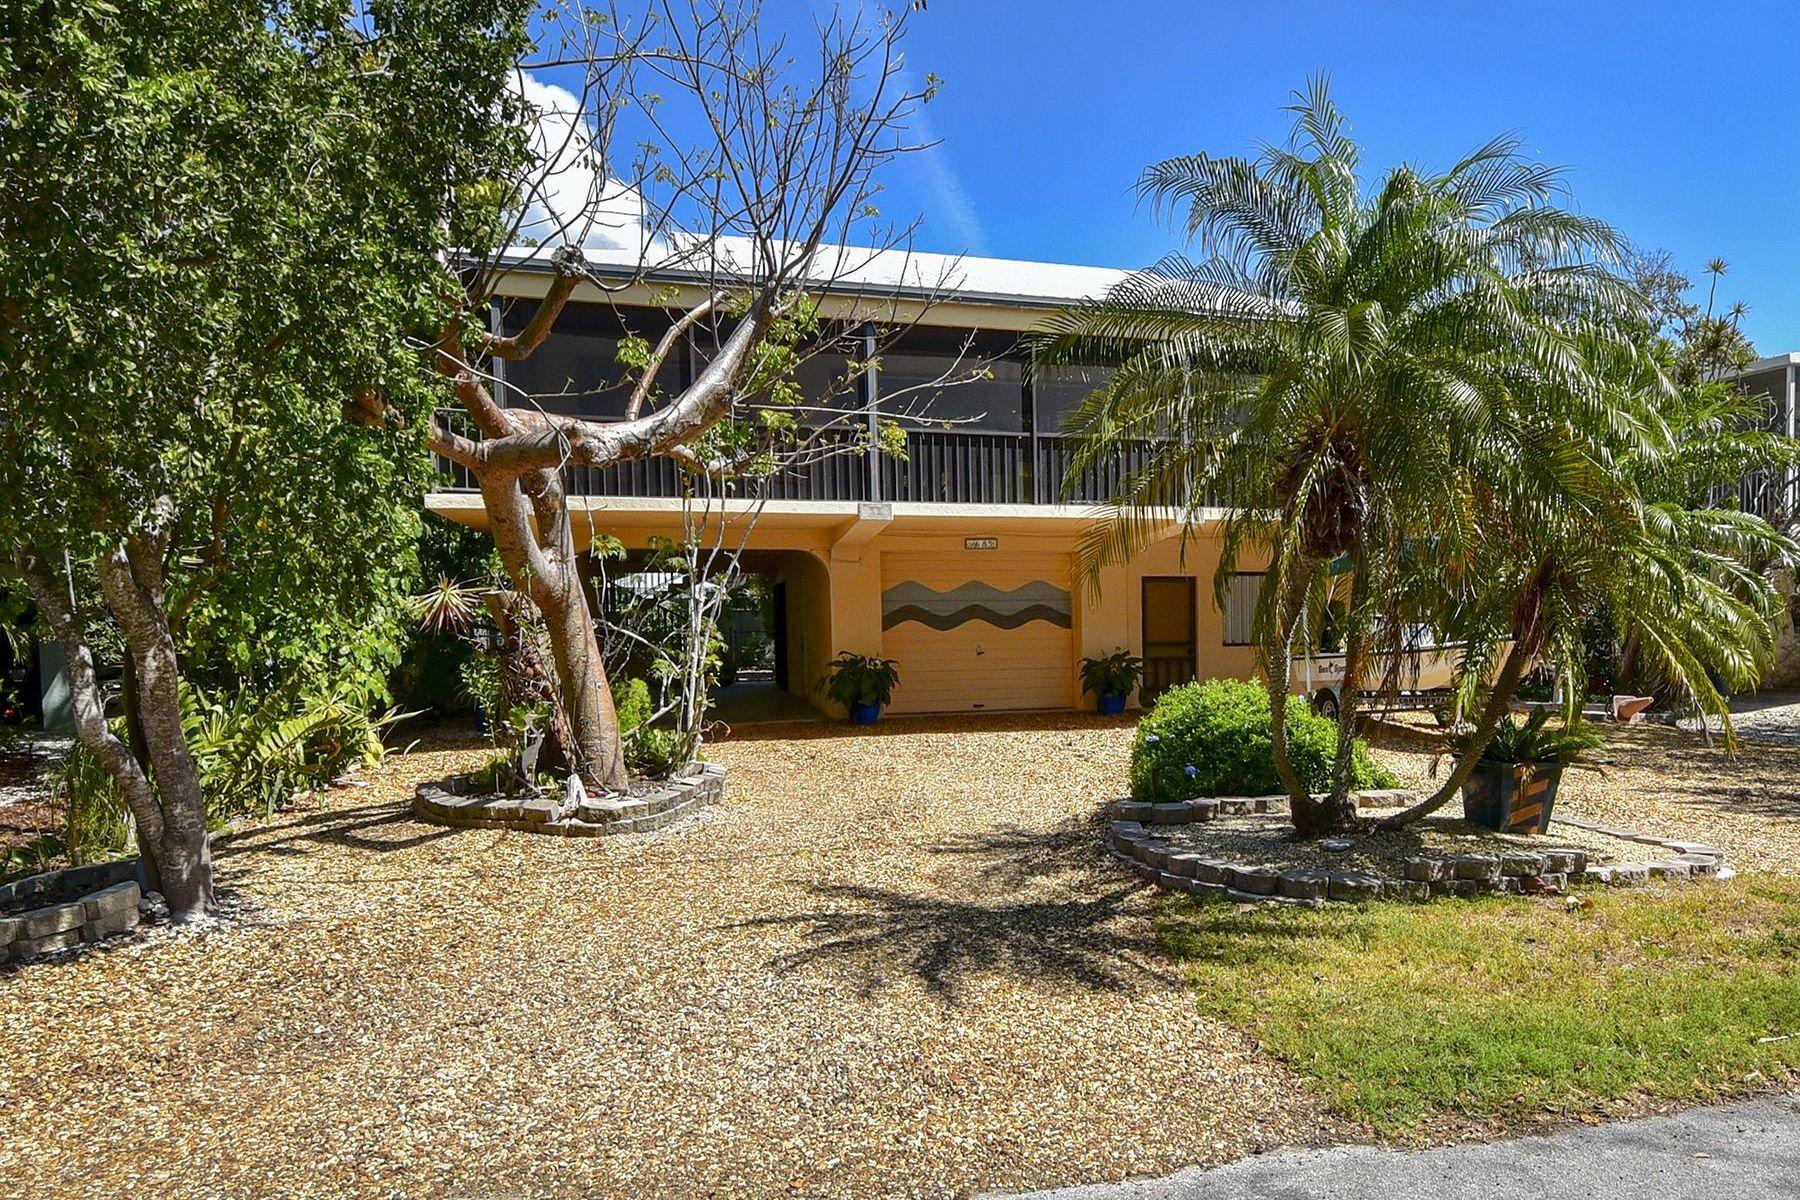 Property for Sale at 68 Bonefish Avenue, Key Largo, FL 68 Bonefish Avenue Key Largo, Florida 33037 United States